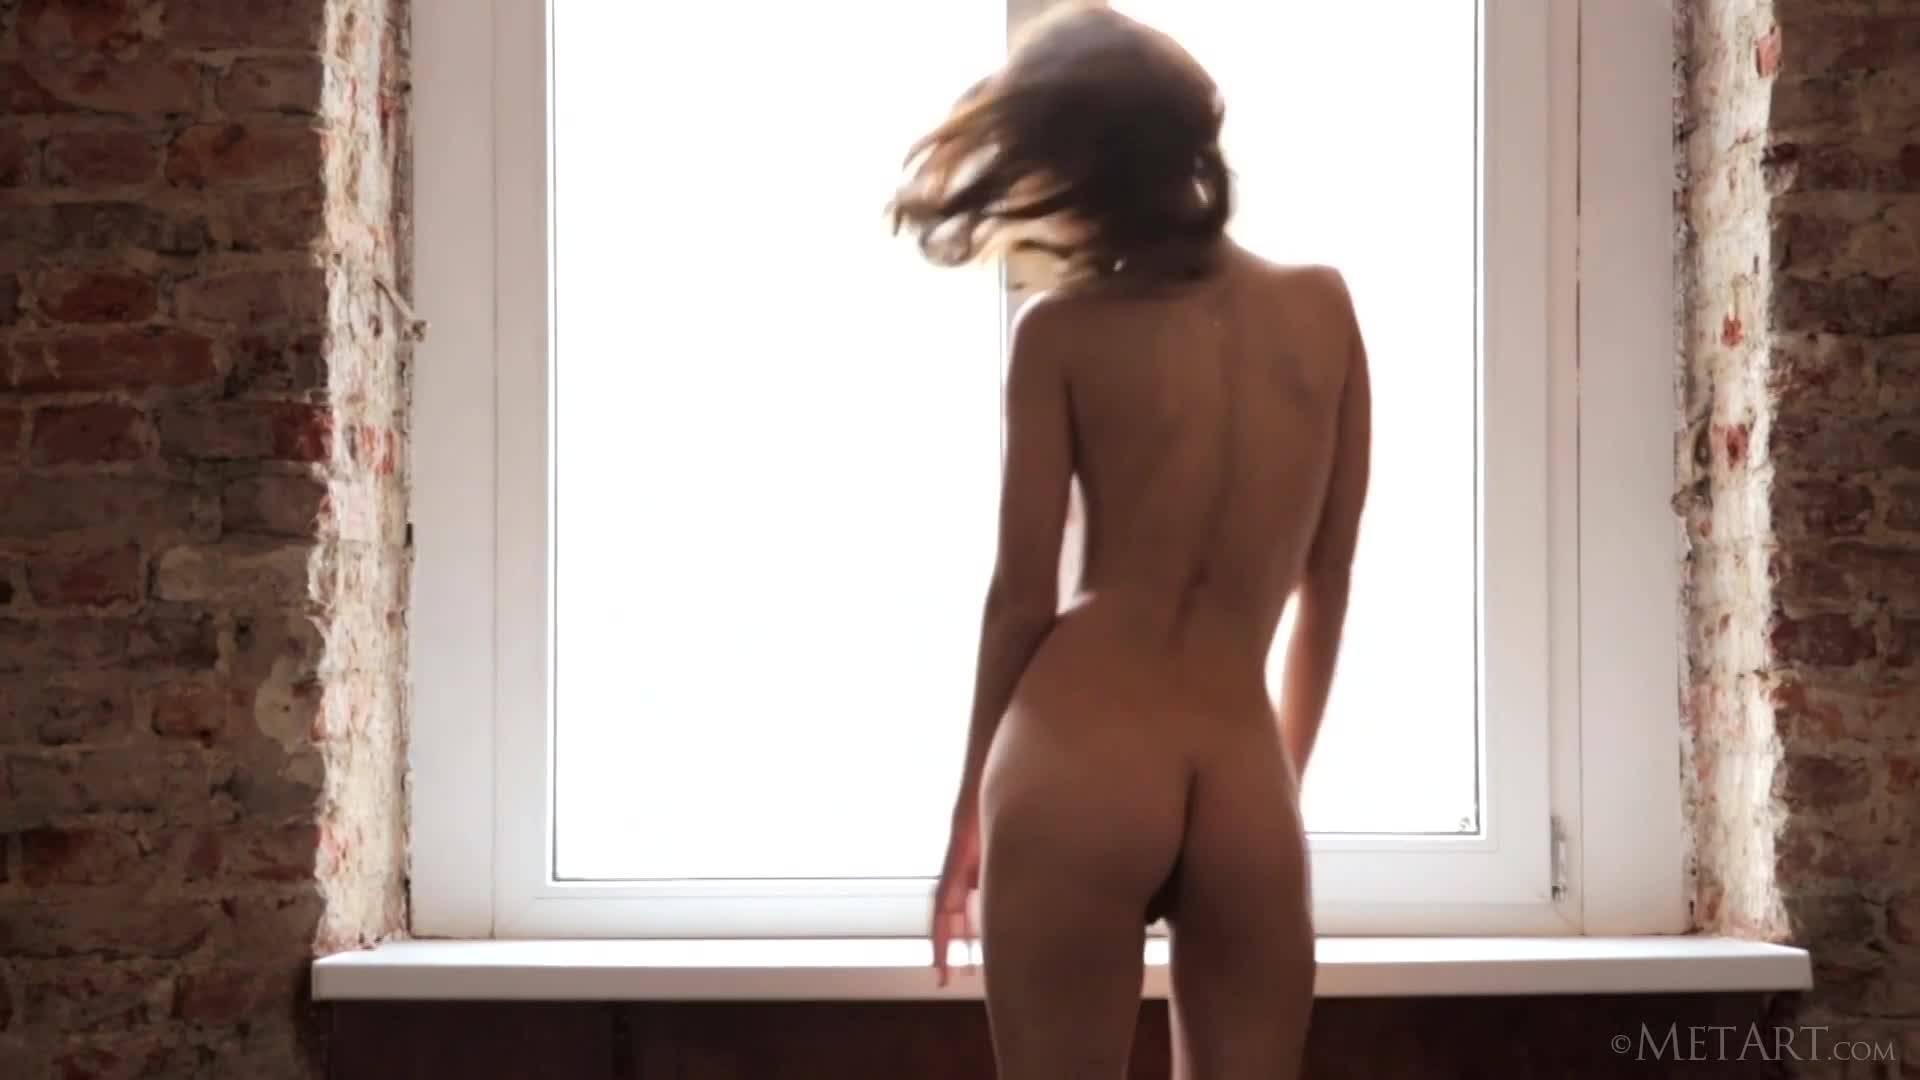 Молоденькая принцесса демонстрирует истинную красоту женского тела